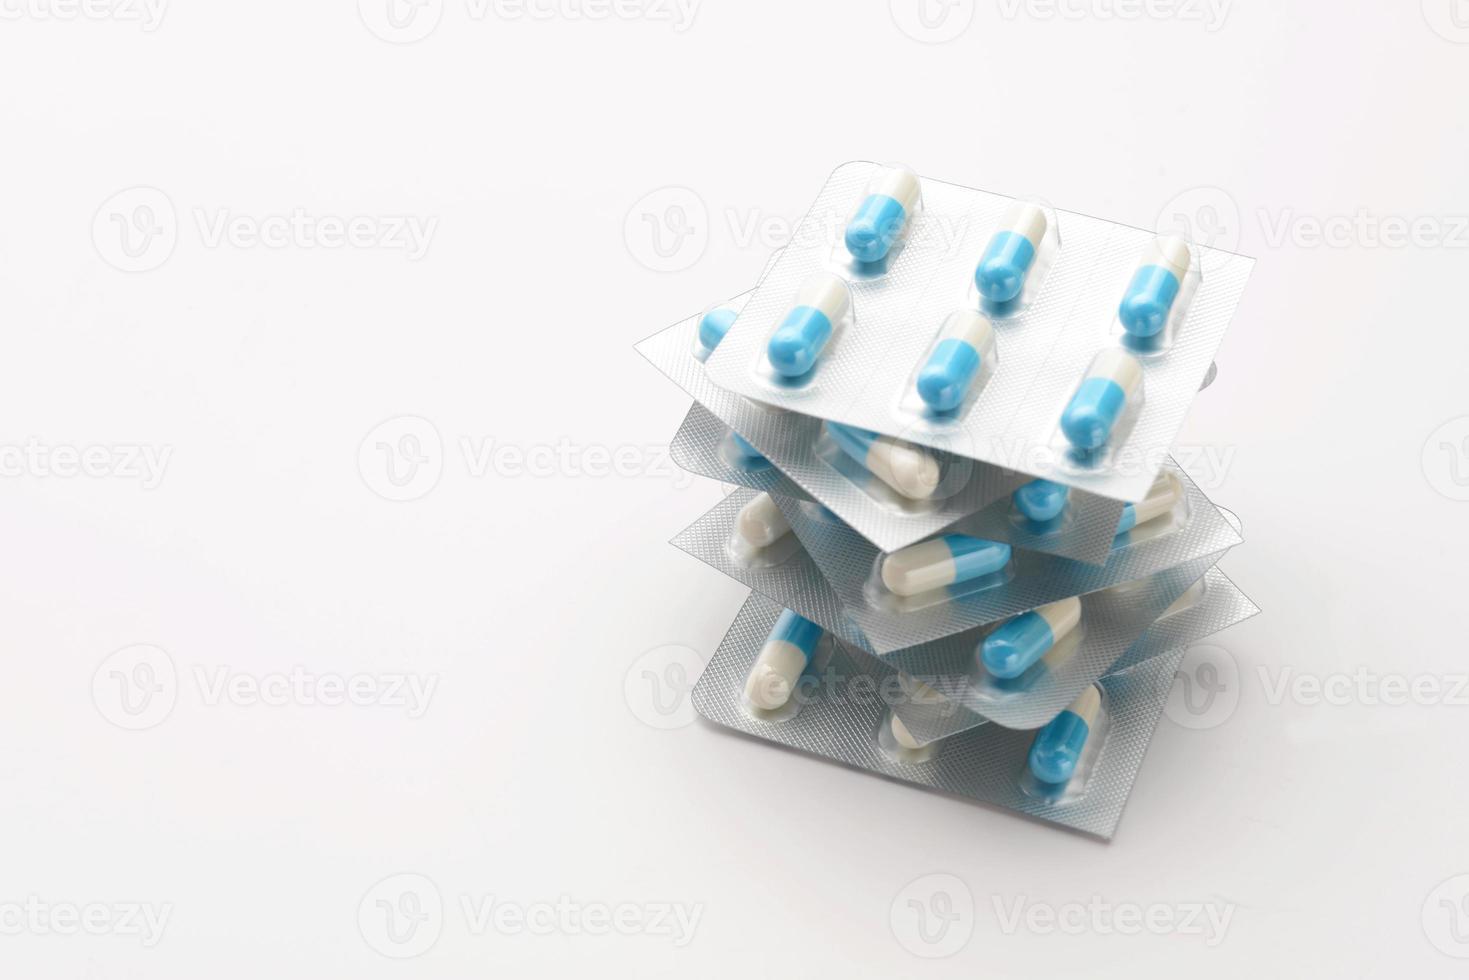 verpakte capsules foto